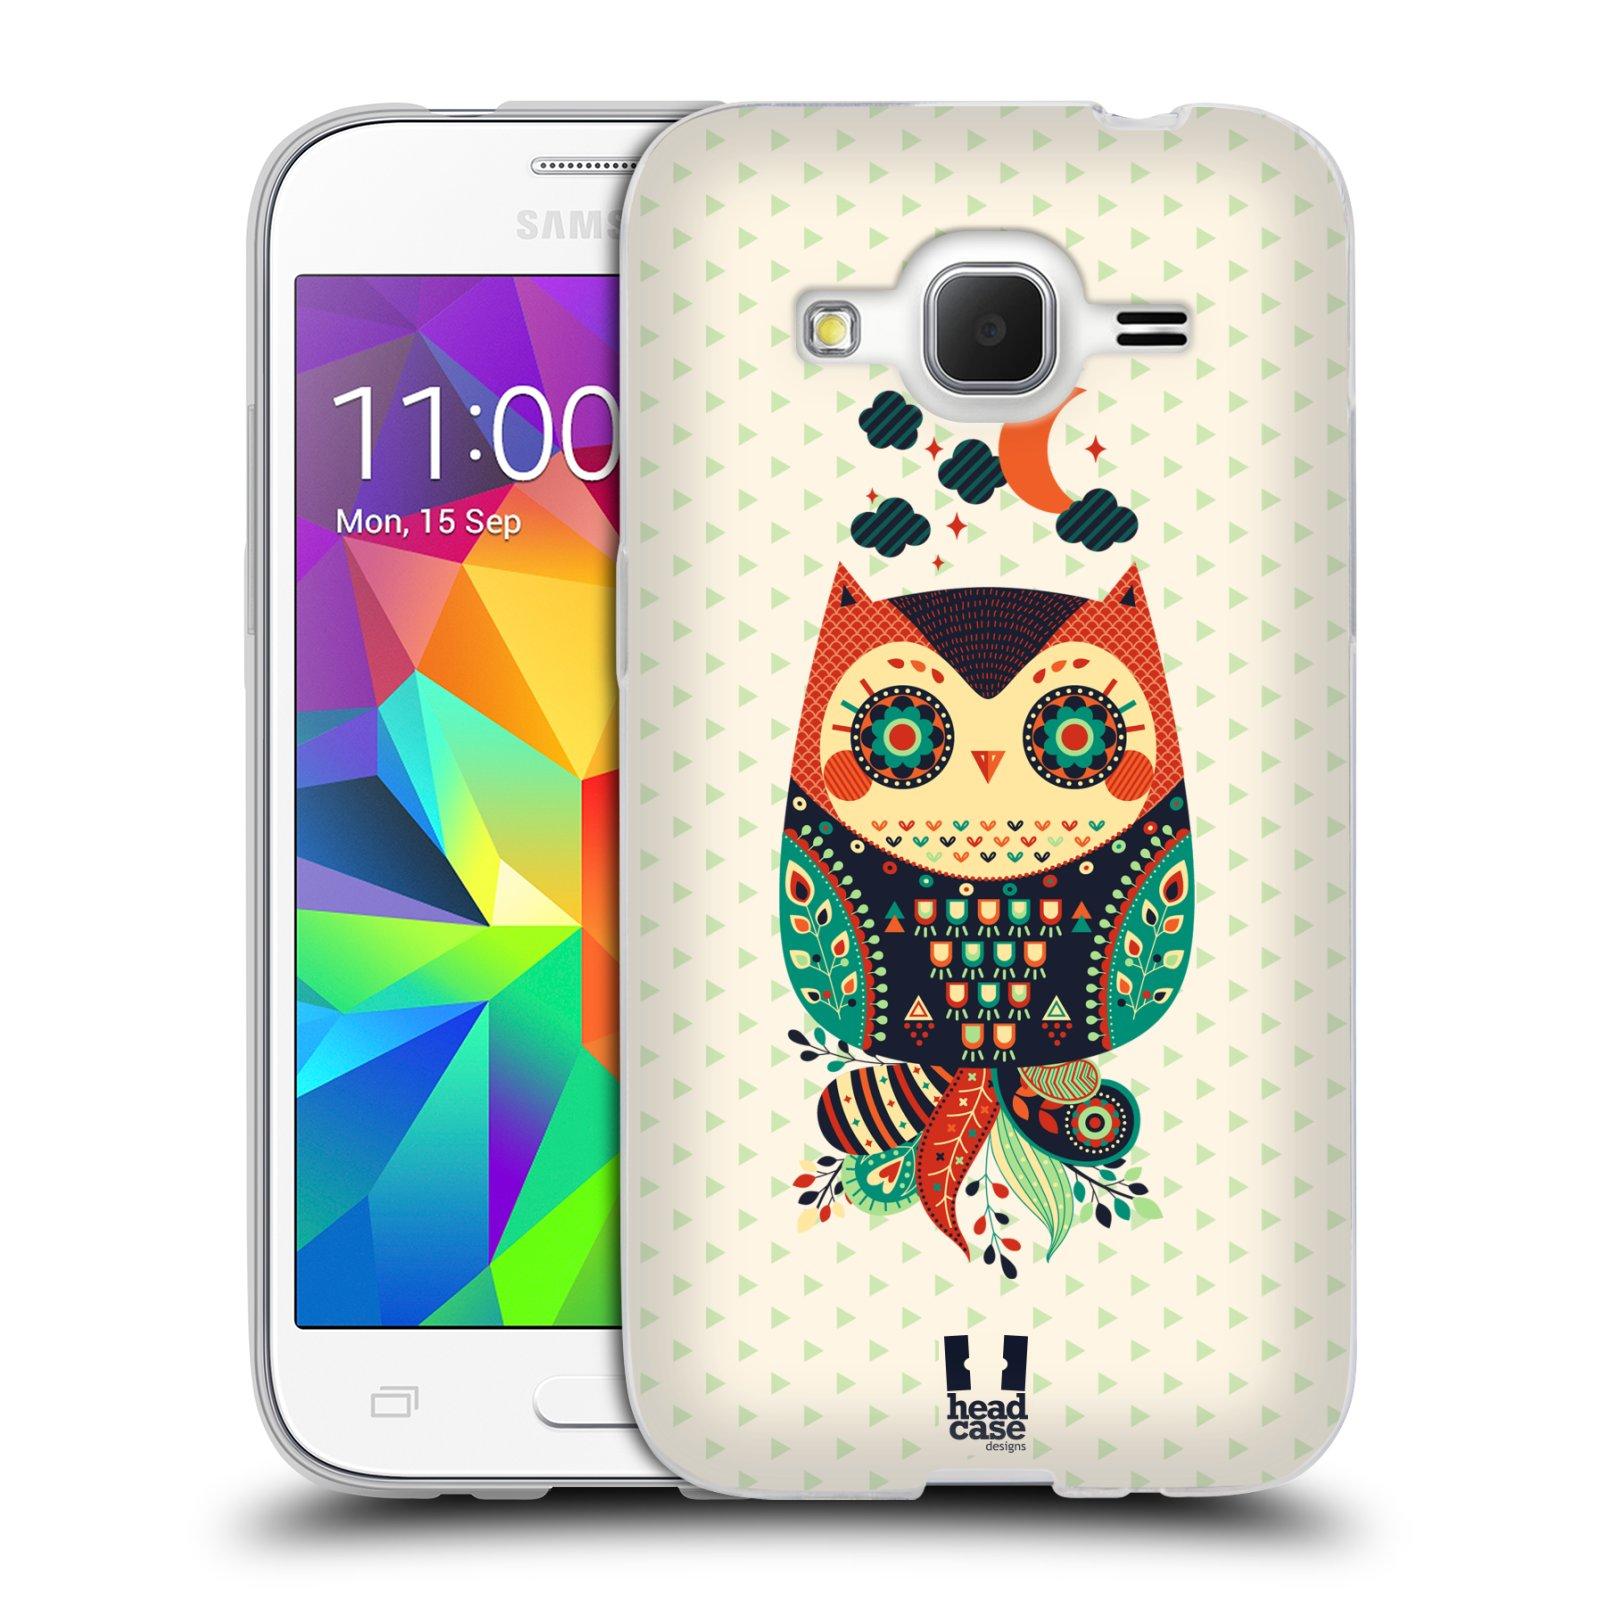 HEAD CASE silikonový obal na mobil Samsung Galaxy Core Prime (G360) vzor Stmívání sovička oranžová a zelená